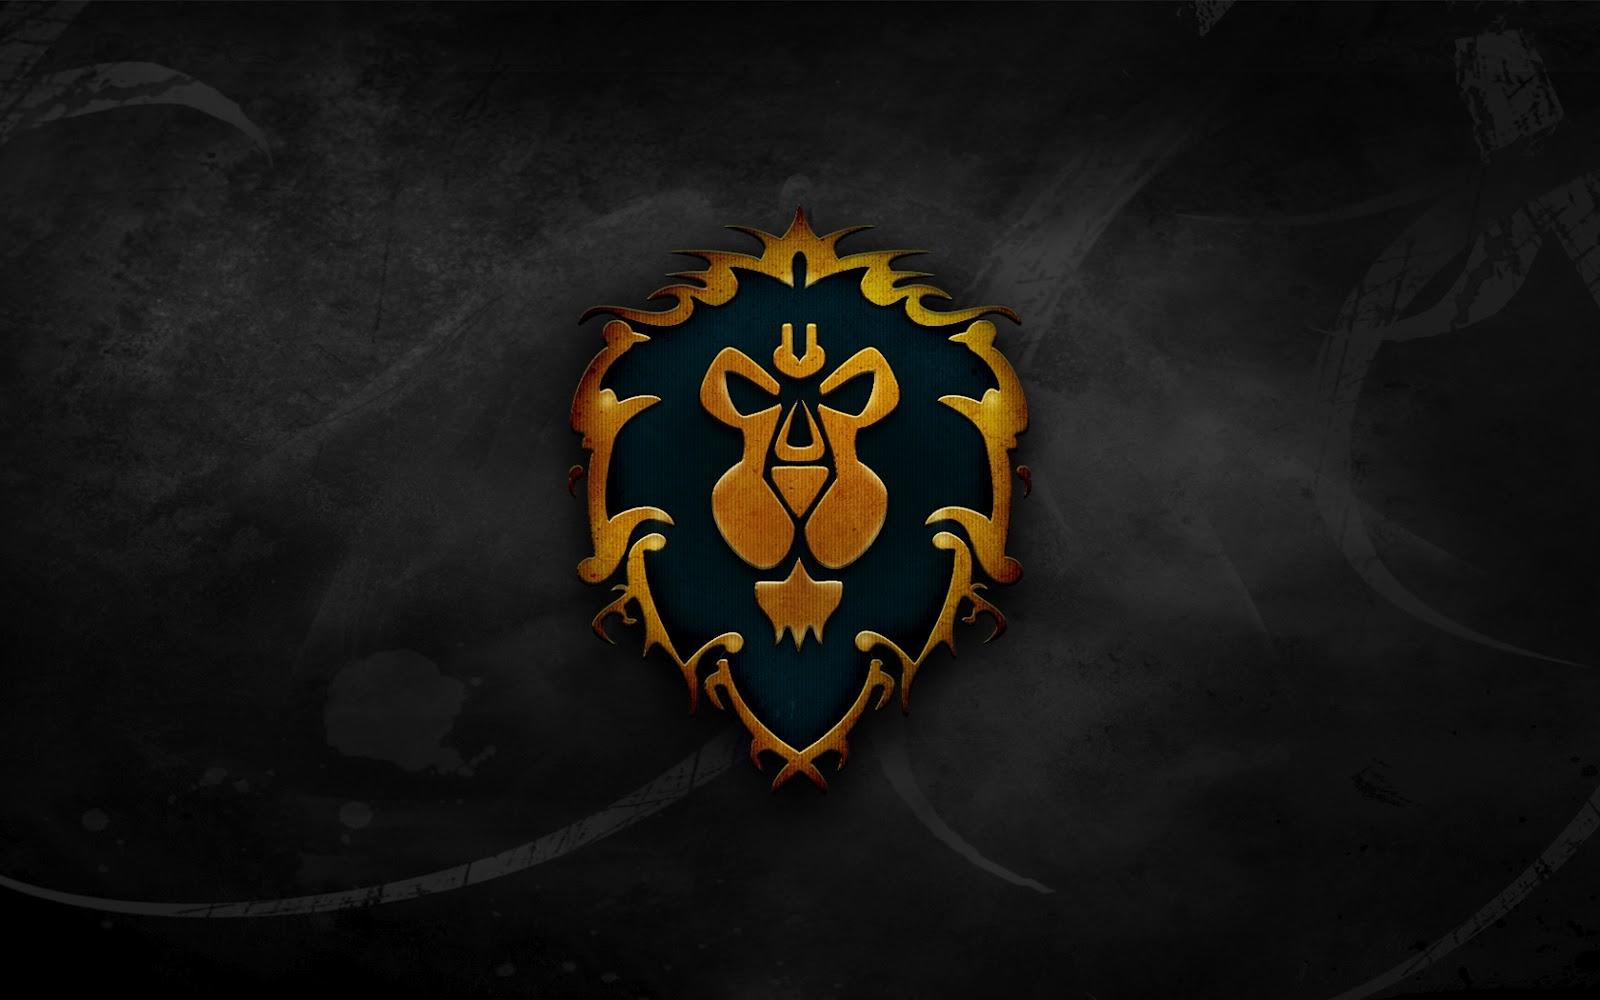 http://4.bp.blogspot.com/-FVTZBoBRBPs/T27qv9dWrVI/AAAAAAAAA-0/_SRTUYed7rE/s1600/World_of_Warcraft_Alliance_Lion_Emblem_HD_Wallpaper-gWb.jpg